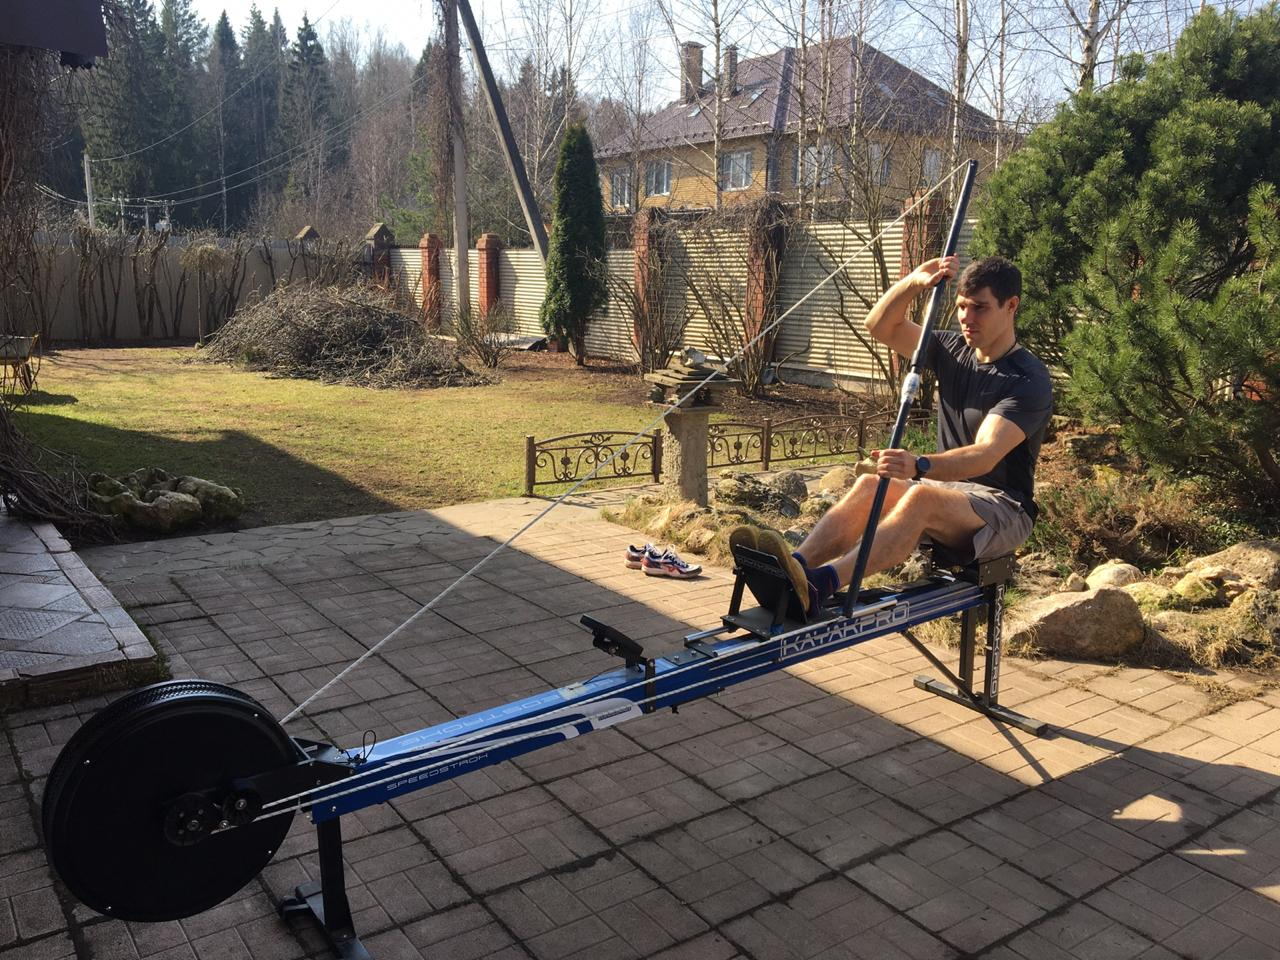 Павел Эйгель постоянно общаемся с тренером, регулируем тренировки в условиях самоизоляции